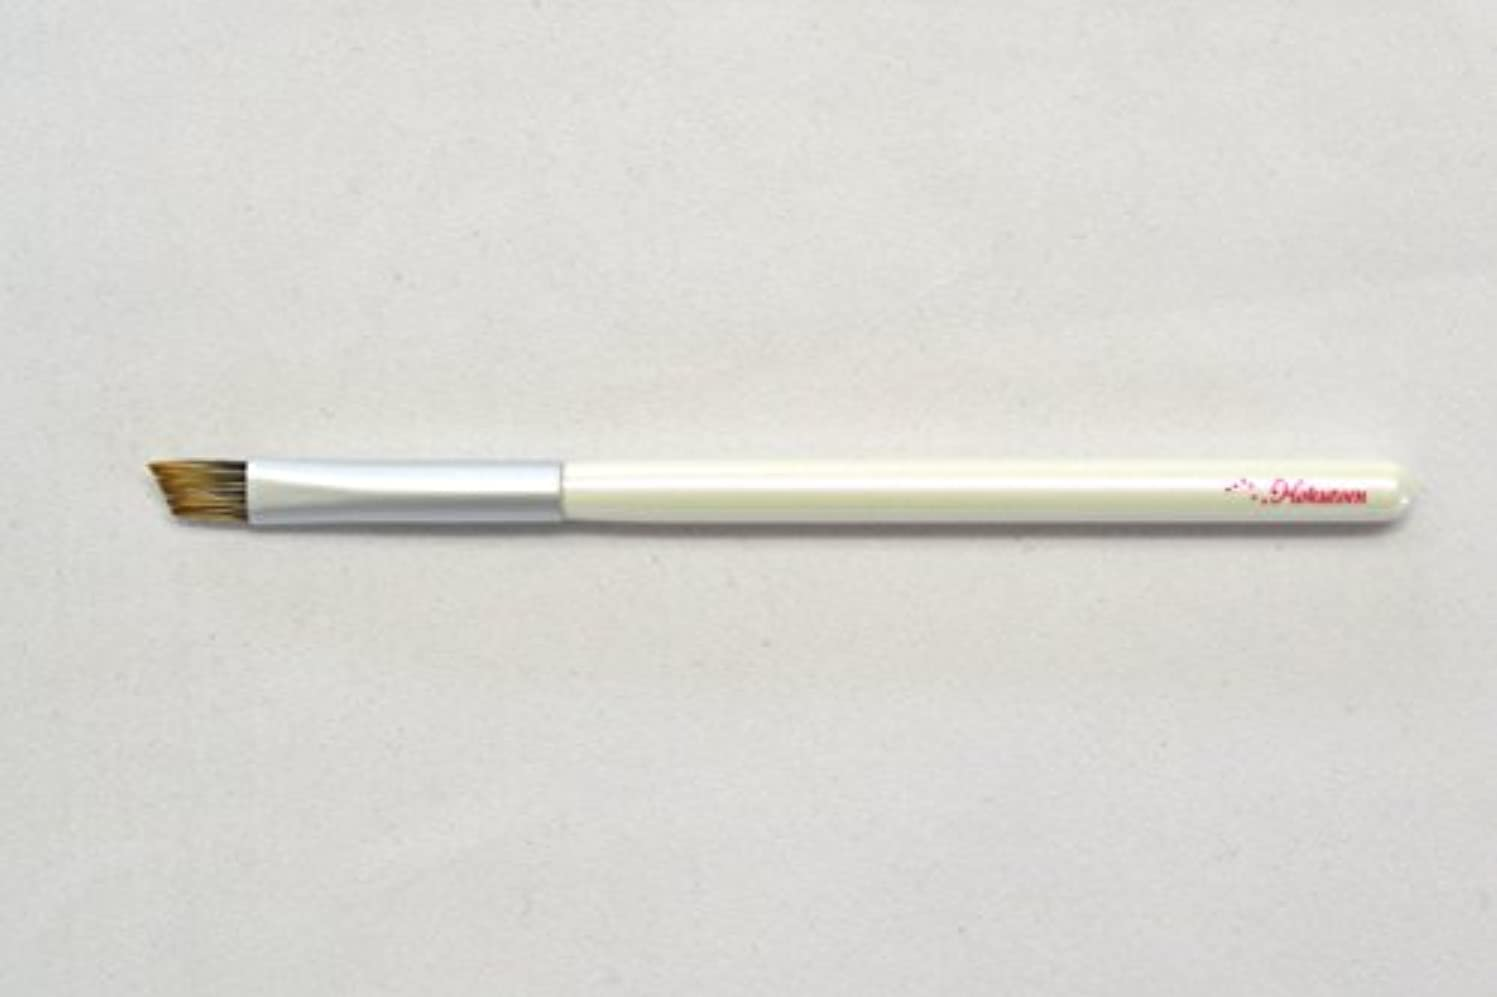 川パンダ噴出する熊野筆 北斗園 Kシリーズ アイブロウブラシ(白銀)